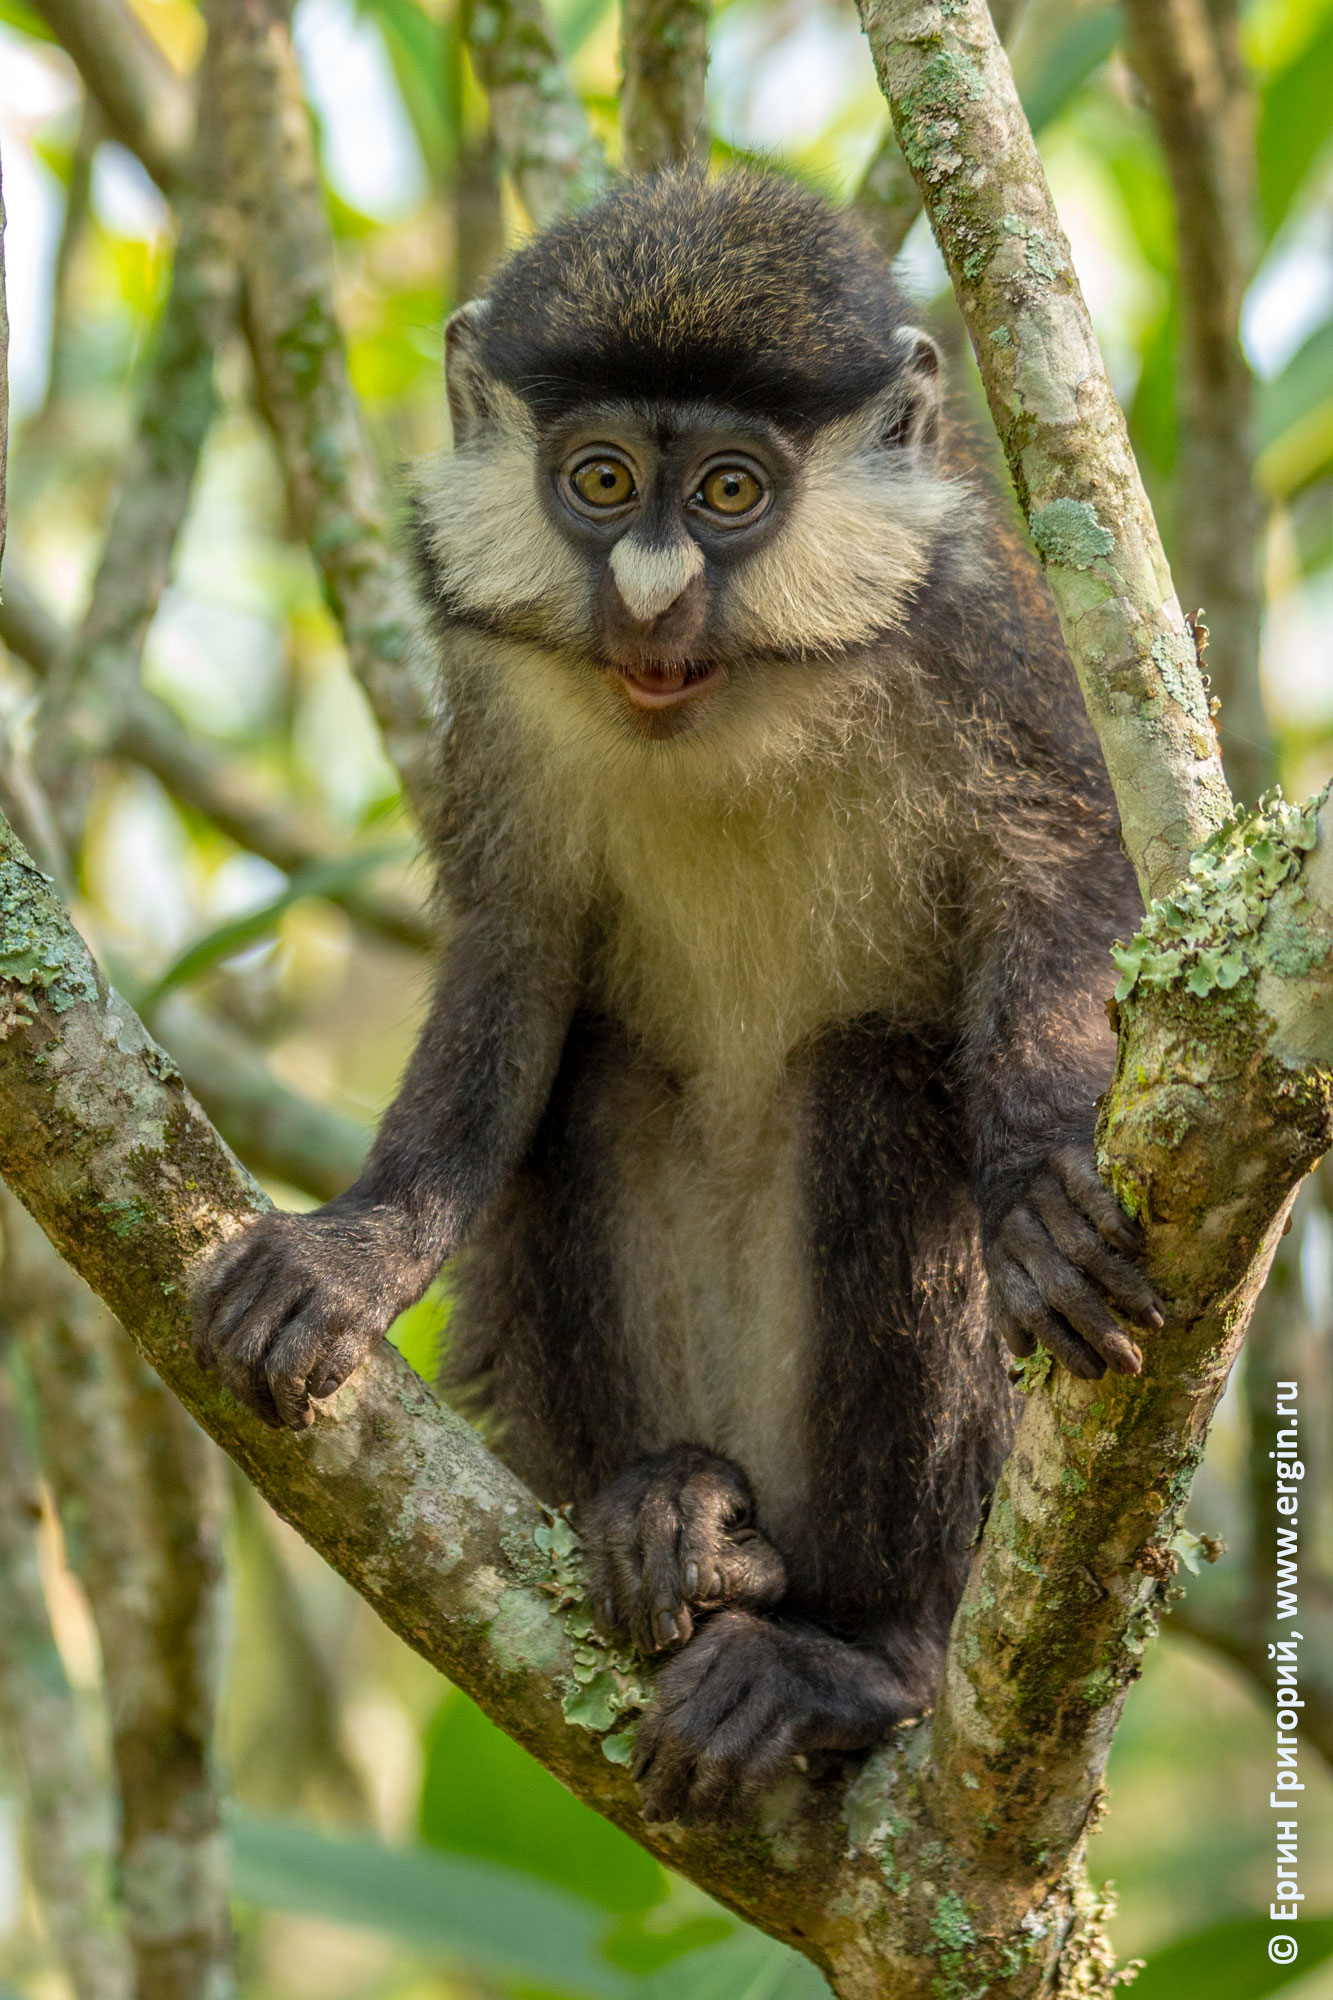 На ветках сидит краснохвостая обезьяна